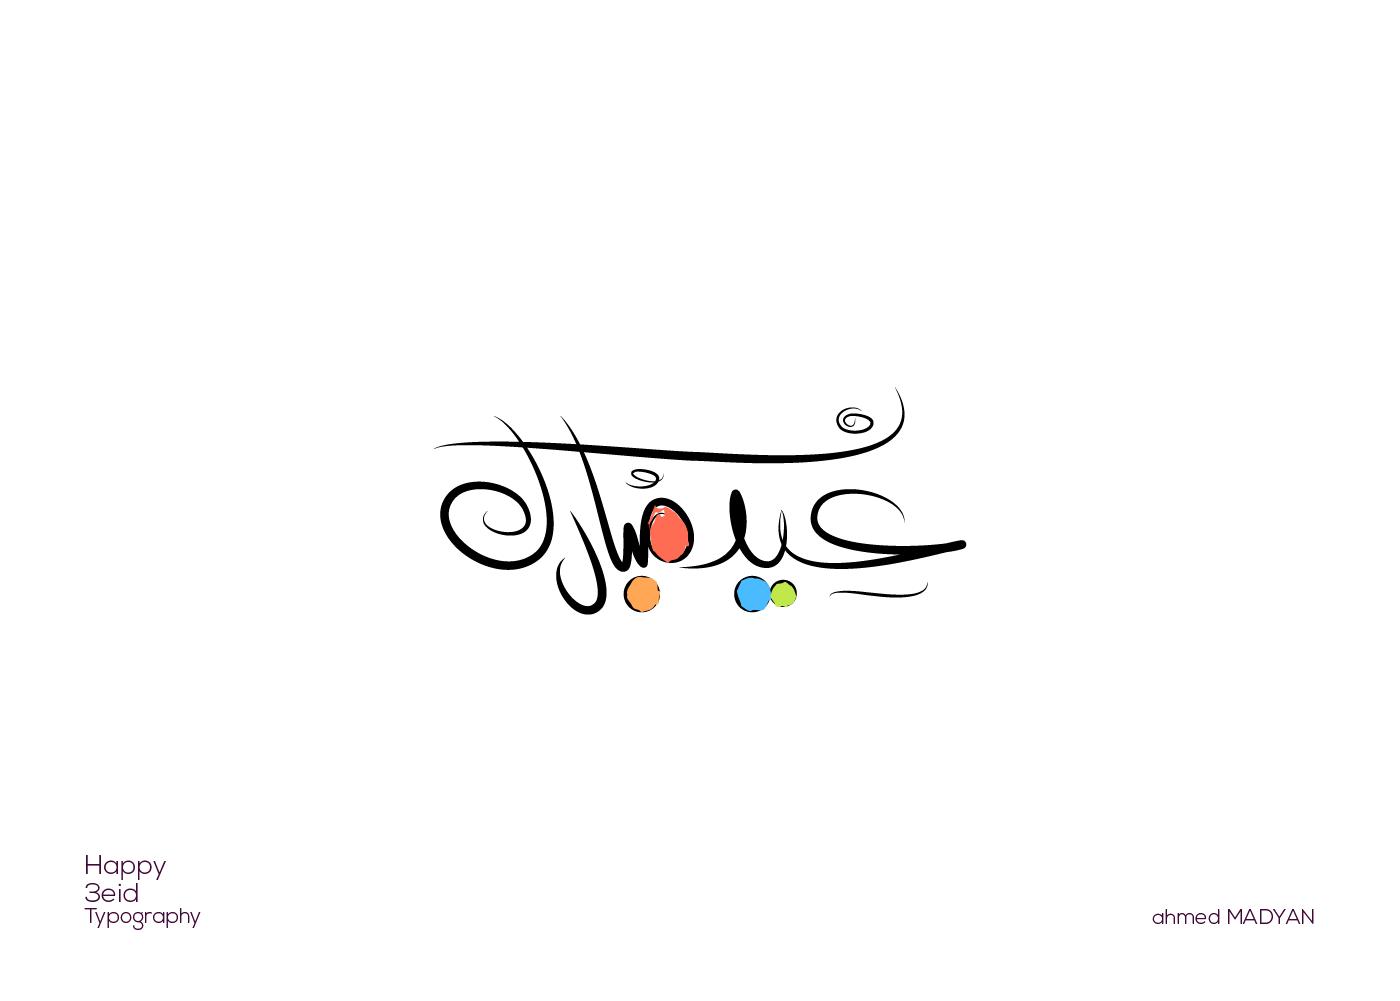 مخطوطات العيد عيد الفطر المبارك 1436 هـ 2015 م Happy 3id Typography Eid Stickers Eid Mubark Eid Cards